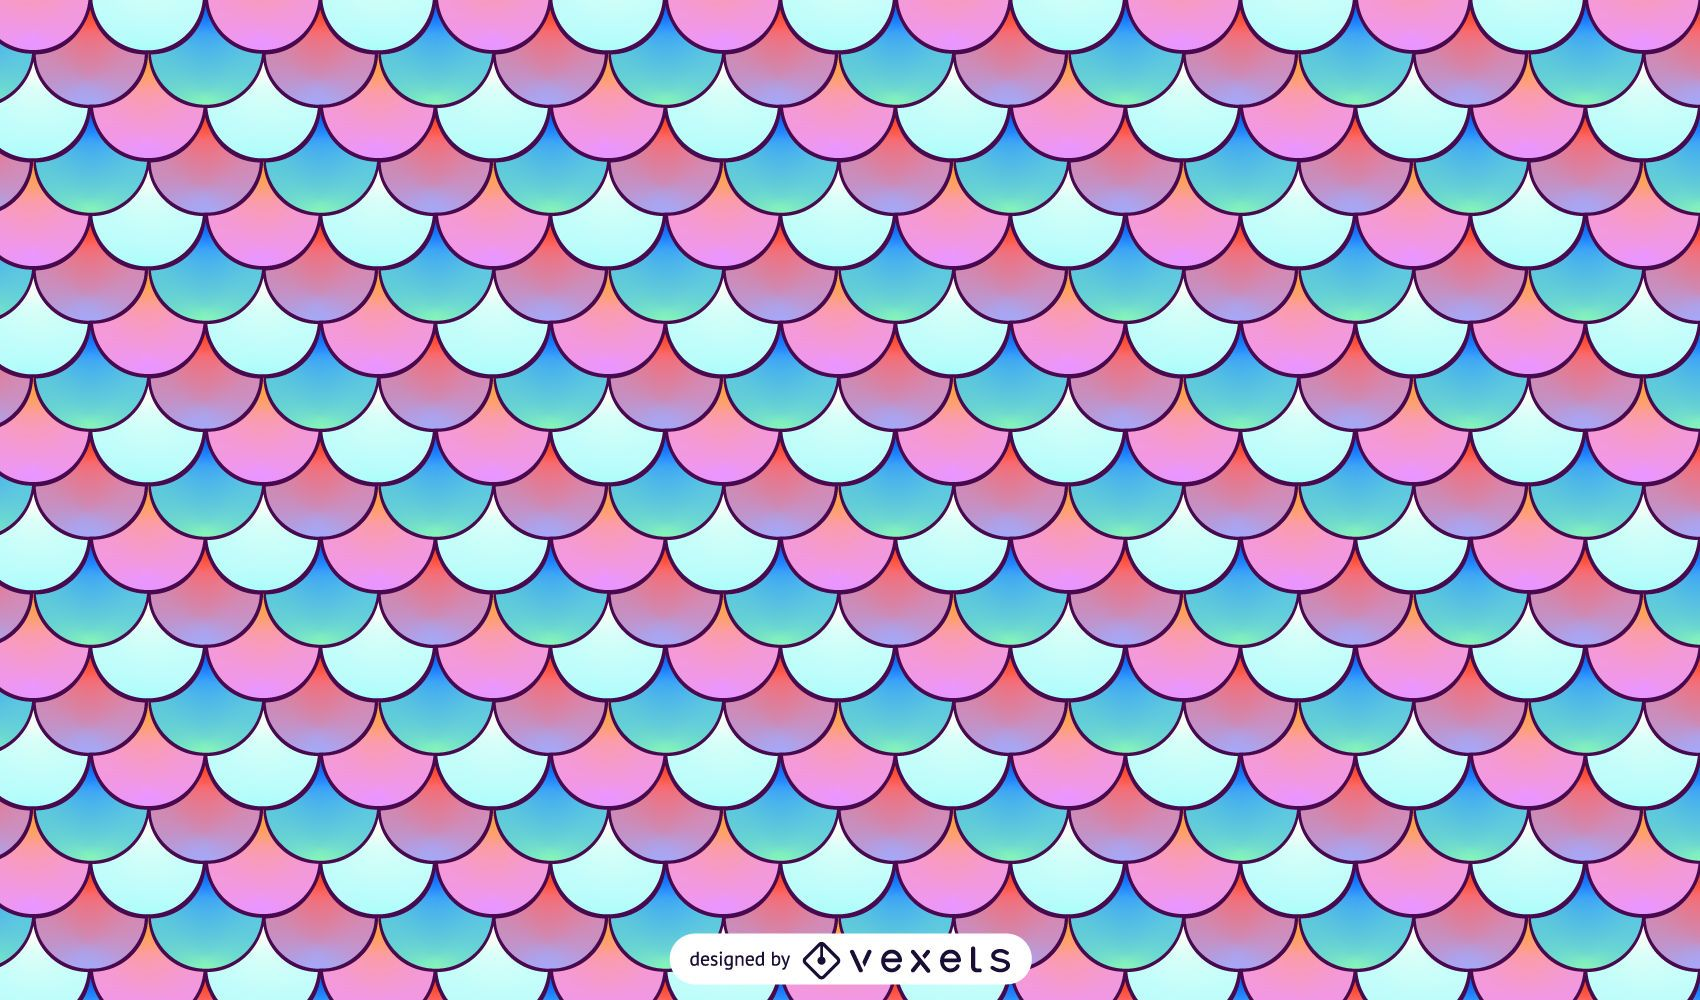 Mermaid scales pattern design